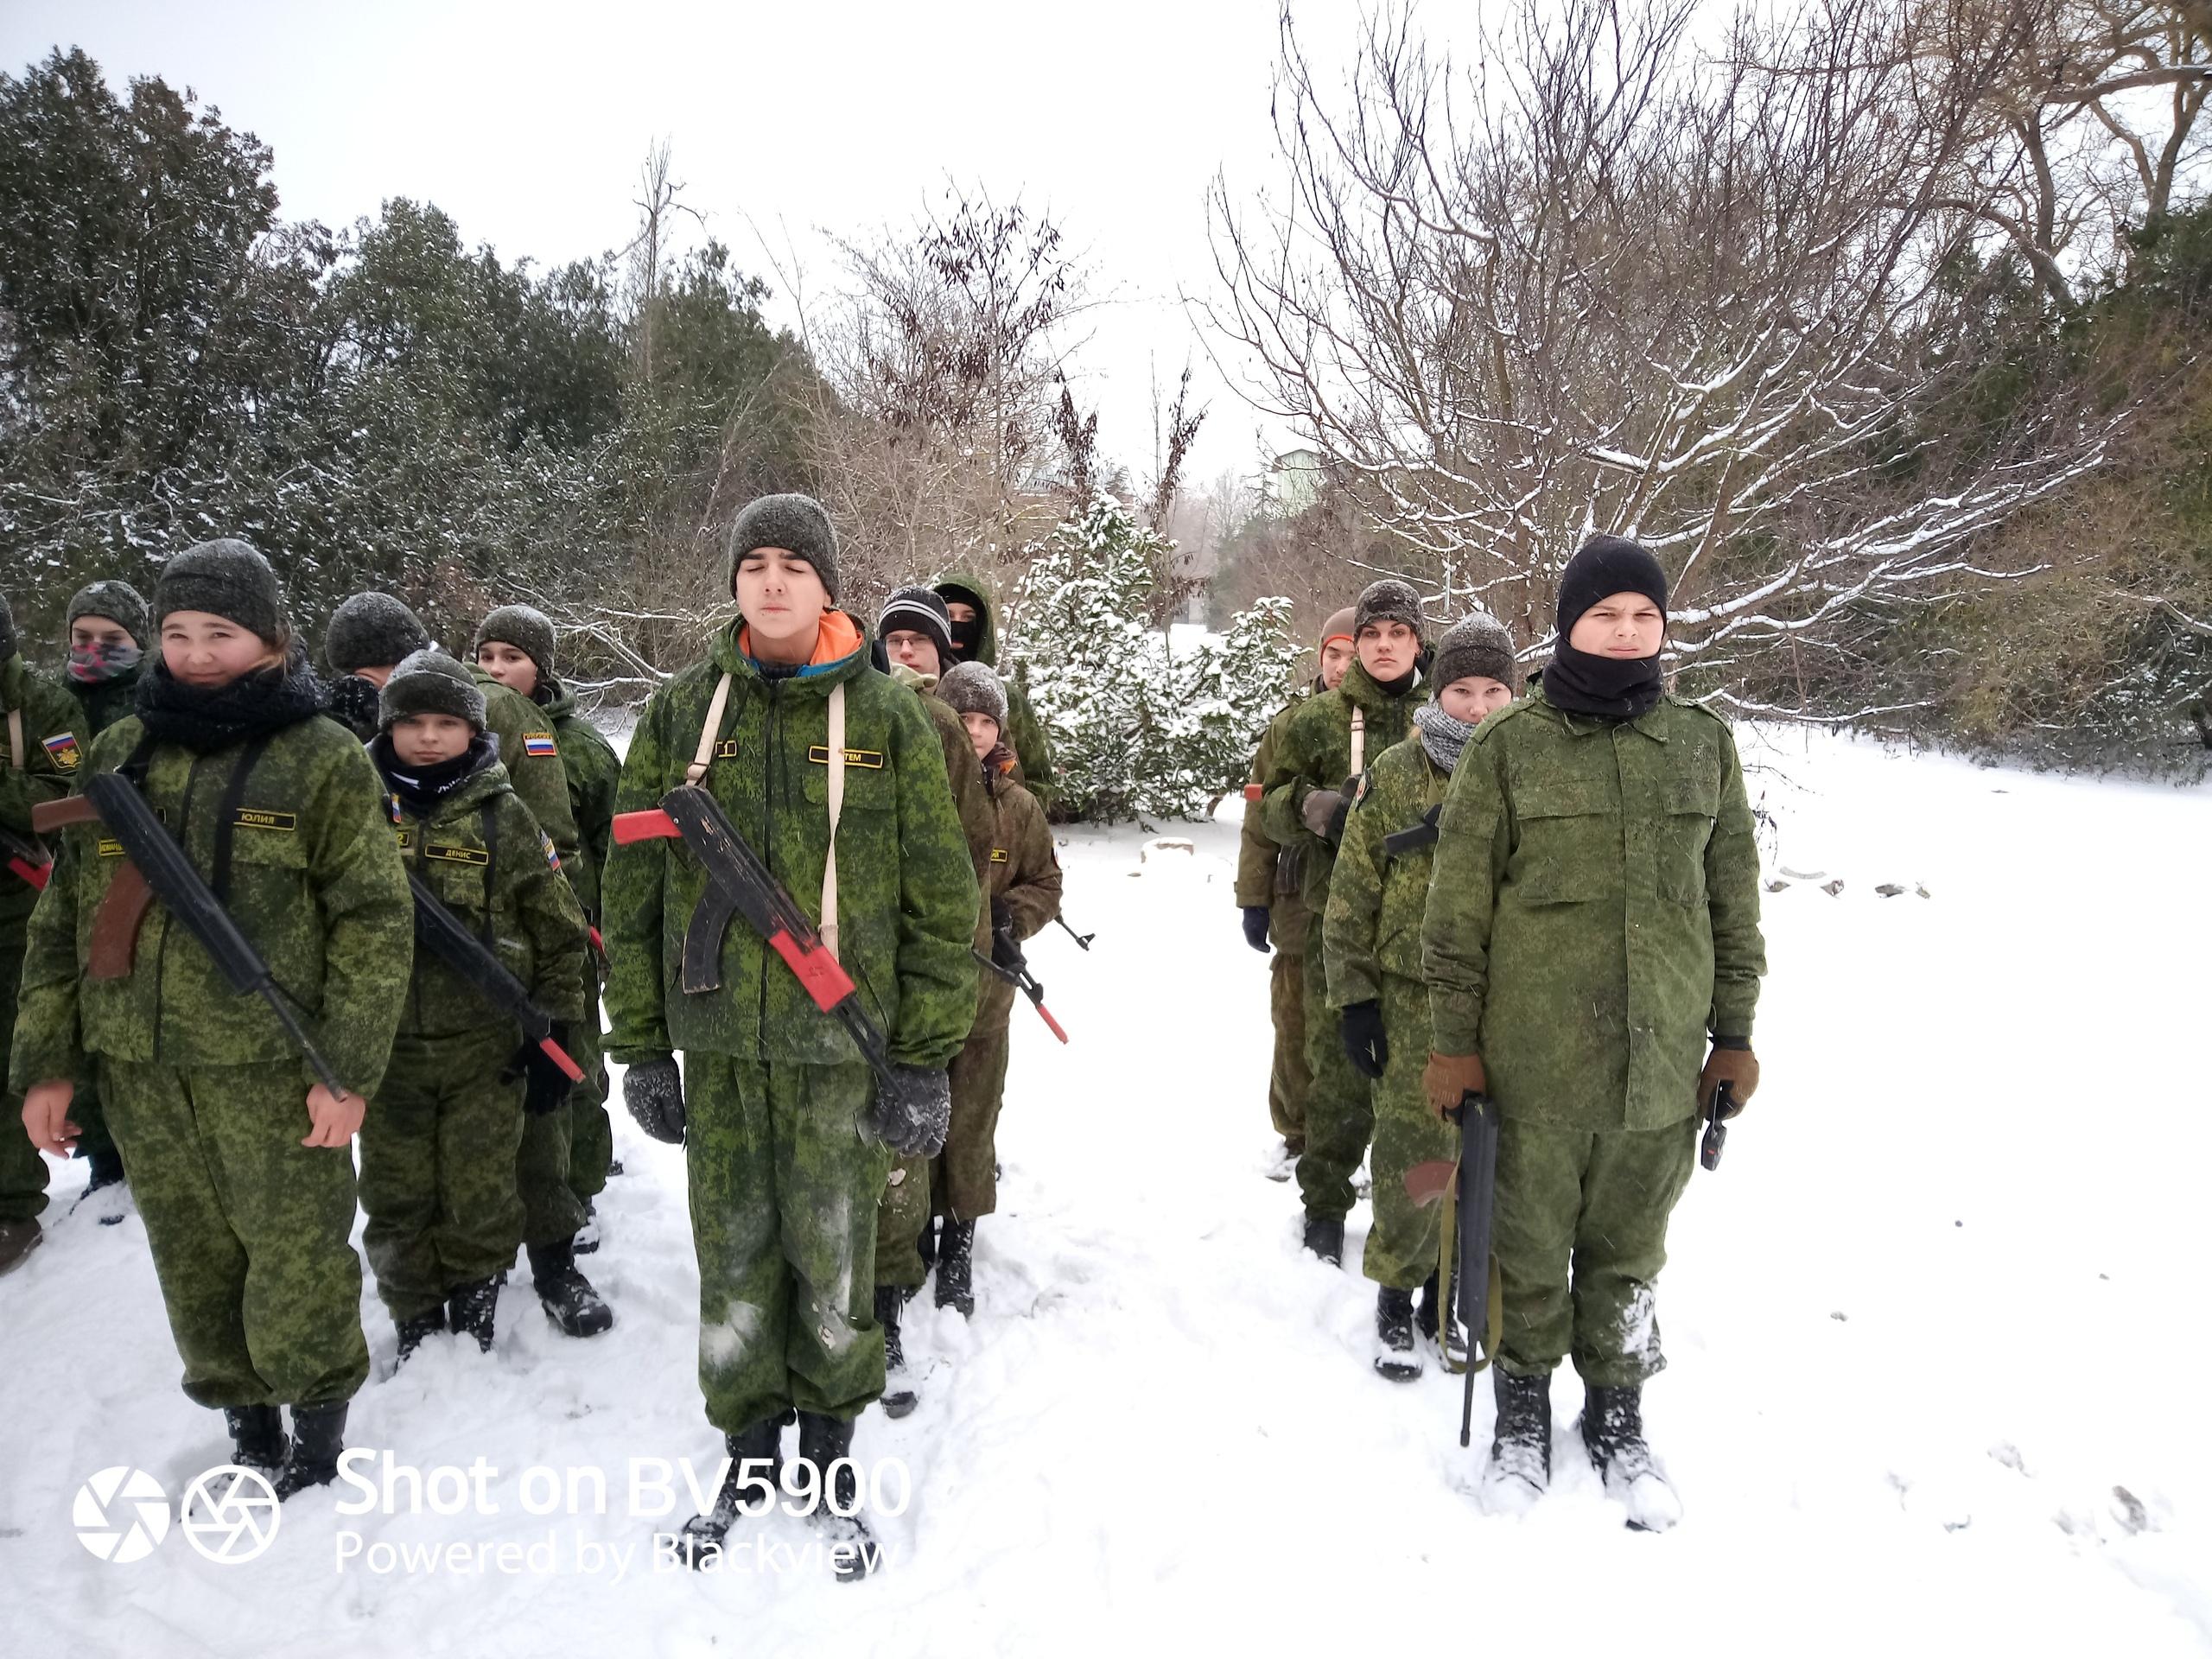 Мілітаризація Криму: в Євпаторії окупанти організували зимовий військовий табір для дітей. ФОТО